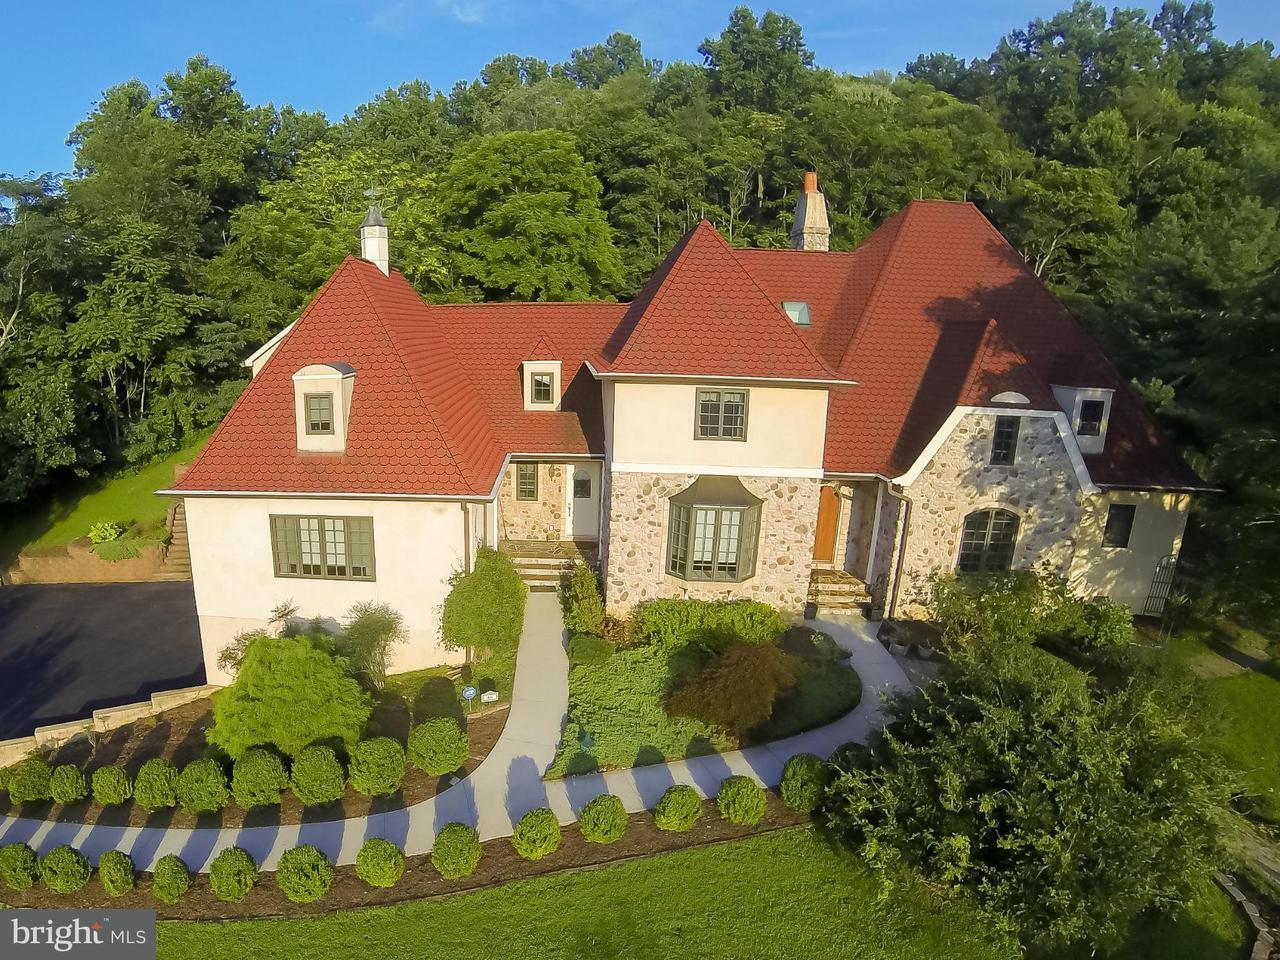 단독 가정 주택 용 매매 에 66 YANCEY Road 66 YANCEY Road Woodville, 버지니아 22749 미국